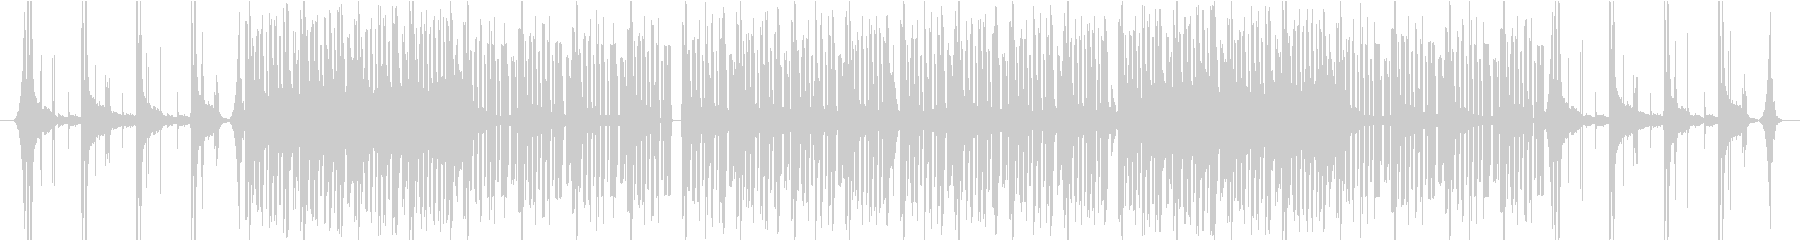 ピアノとストリングスの緊迫したBGMの未再生の波形